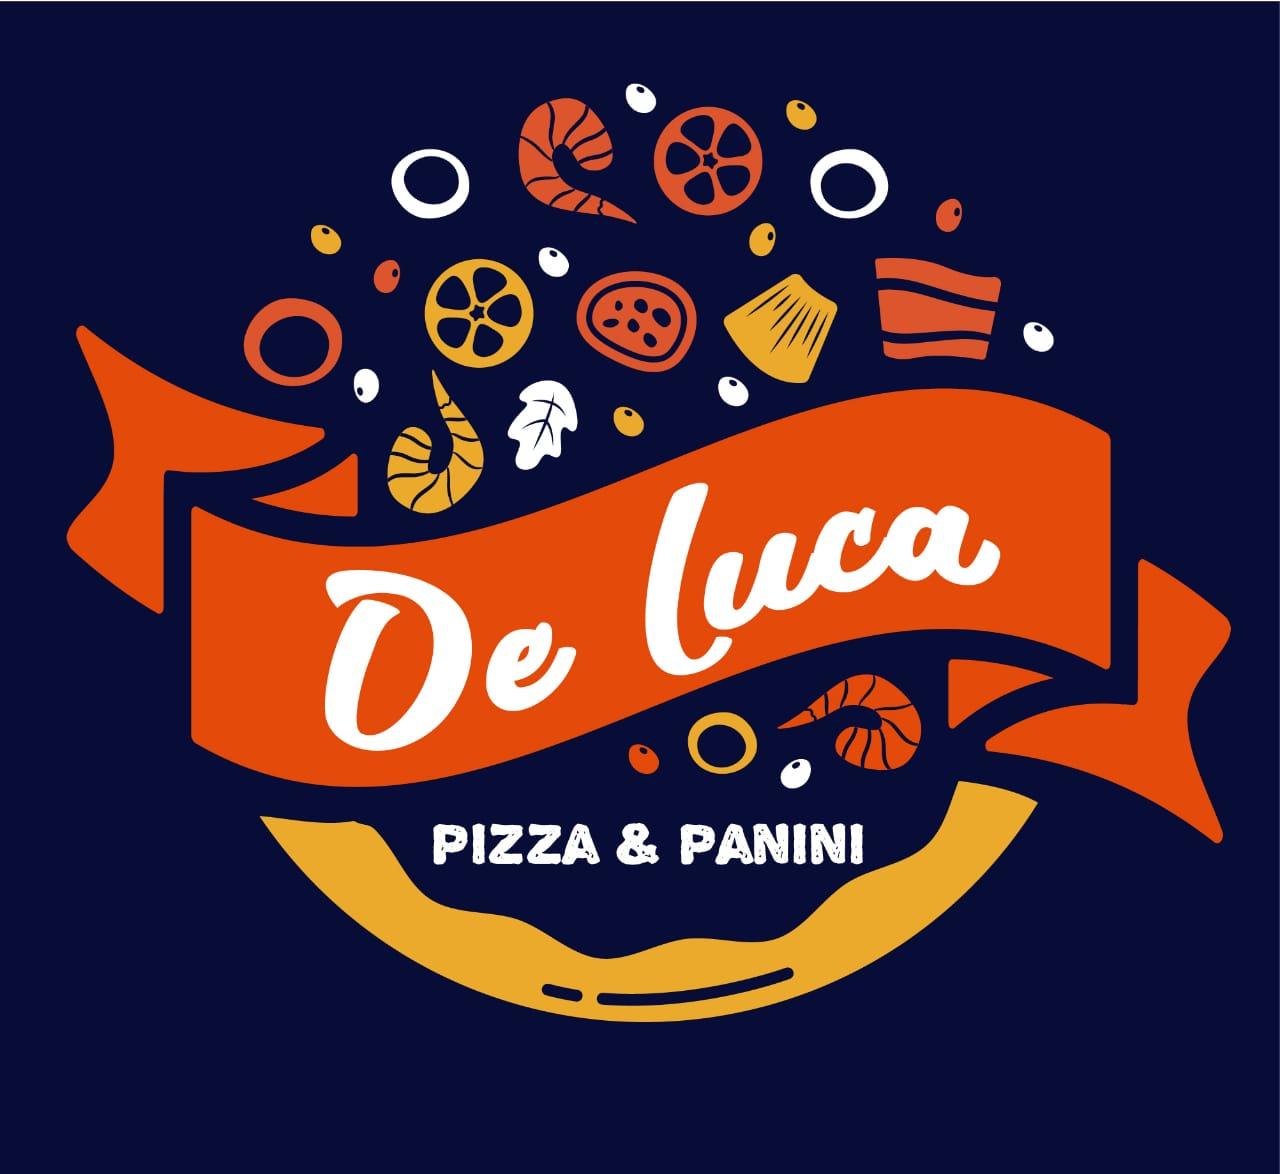 De Luca Pizza & Panini